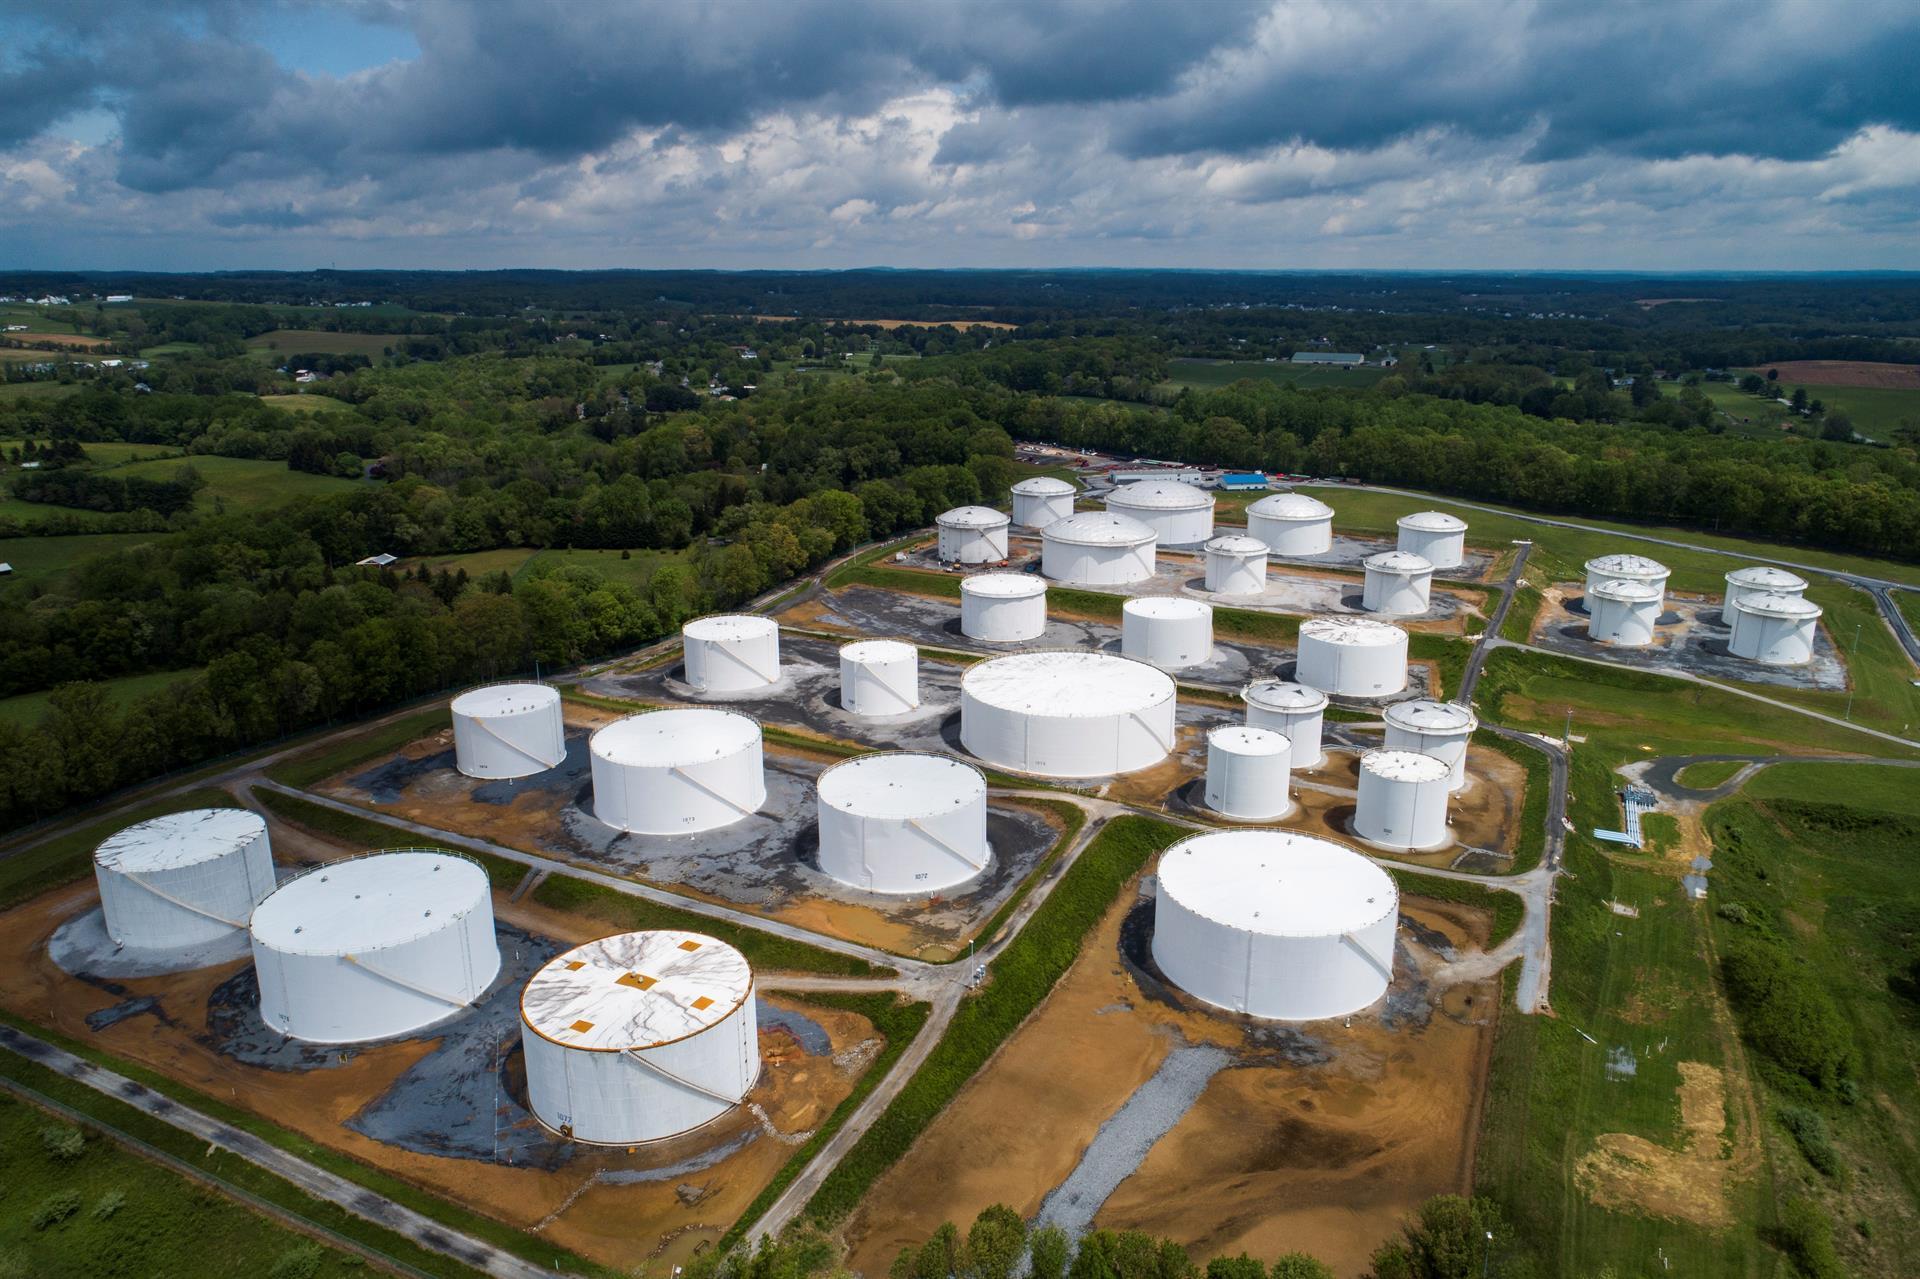 Imagem capturada por drone mostra tanques de combustíveis do Oleoduto Colonial nos Estados Unidos